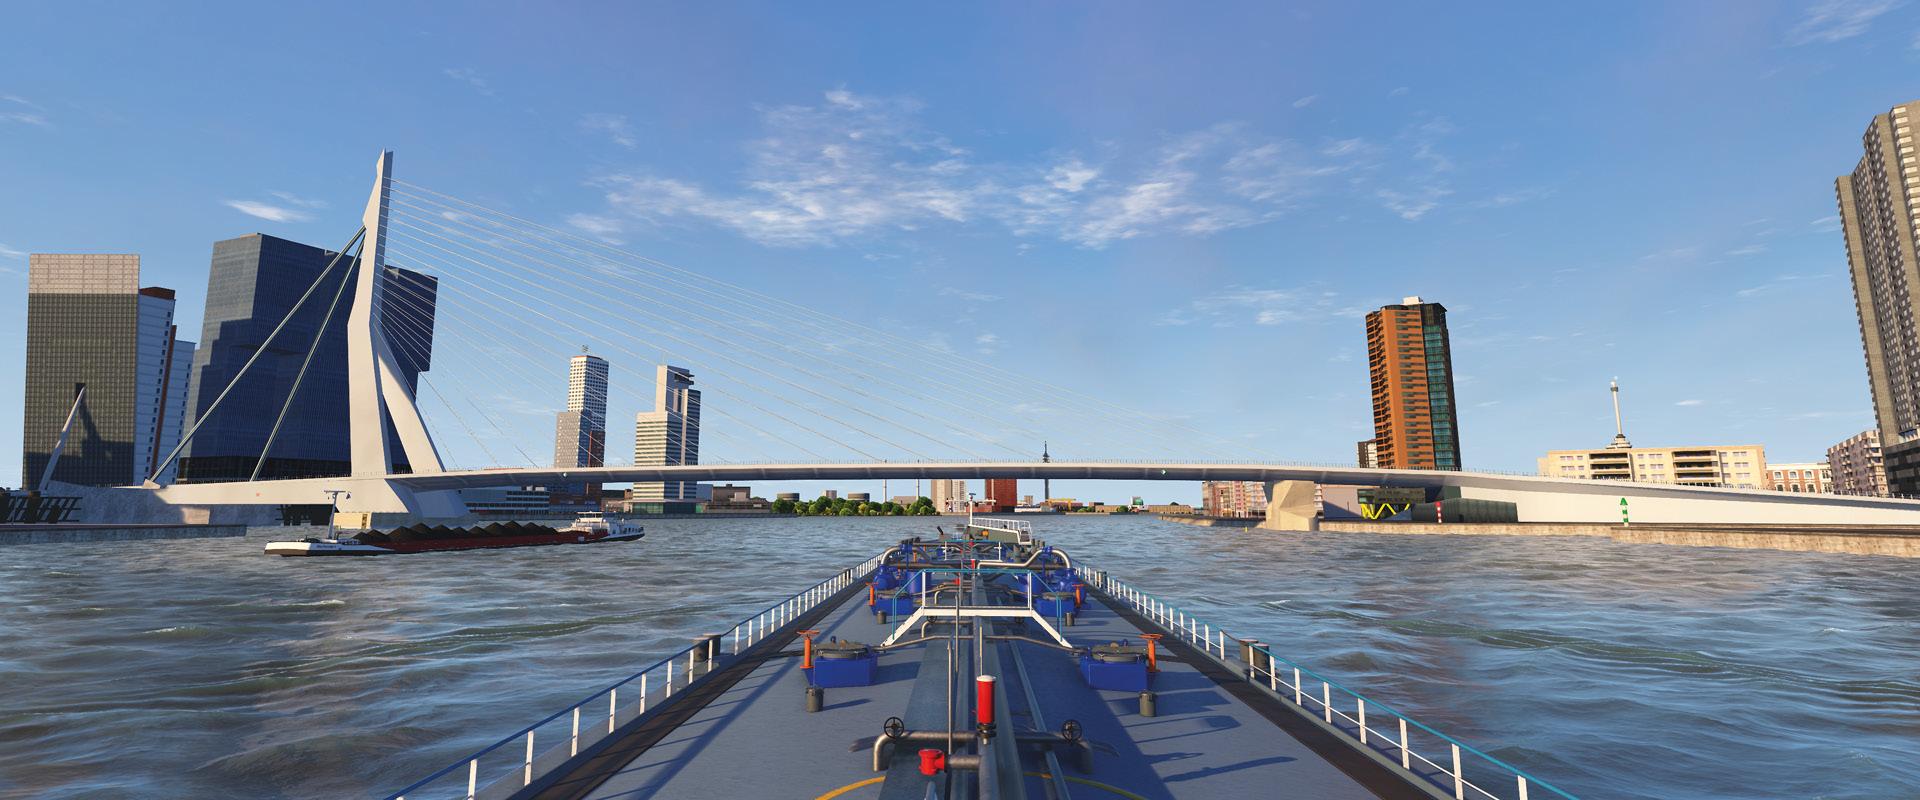 Met een virtueel zonnetje op het bolletje met een tanker afvarig door Rotterdam. Beeld:VSTEP